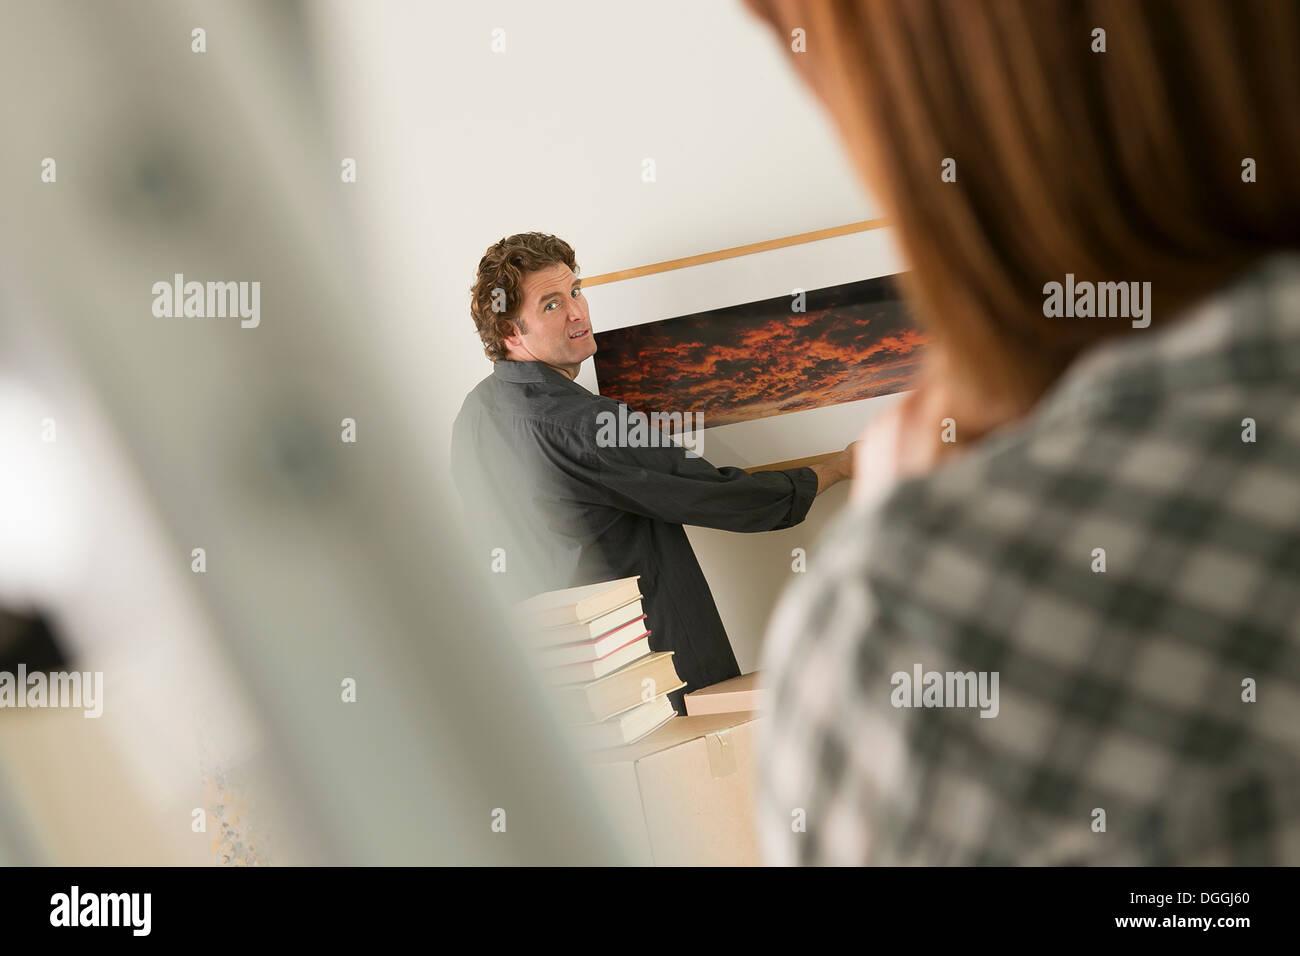 Paar Bilderrahmen im neuen Zuhause hängen Stockfoto, Bild: 61831112 ...